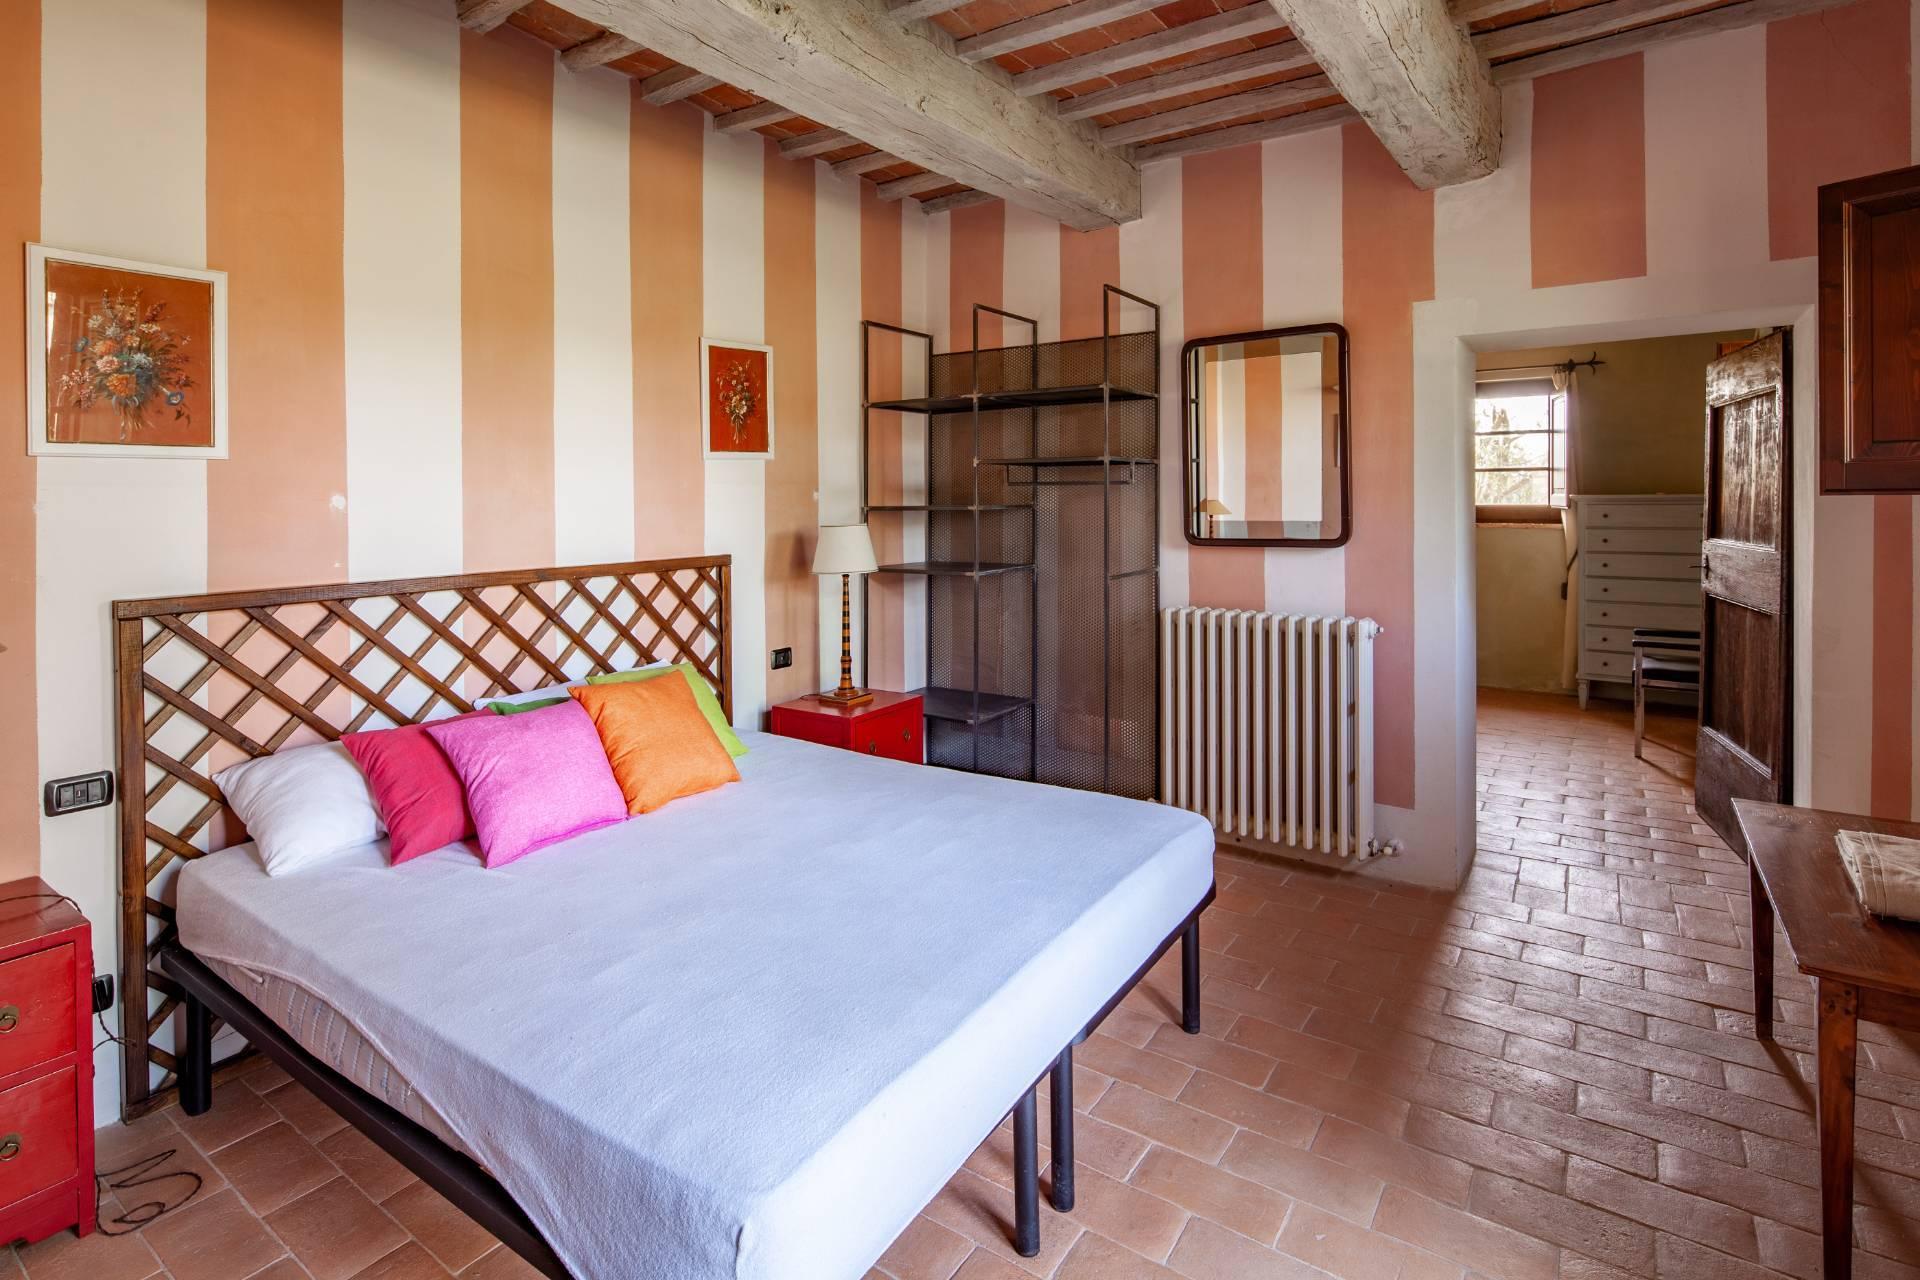 Villa in Vendita a Citta' Della Pieve: 5 locali, 300 mq - Foto 10